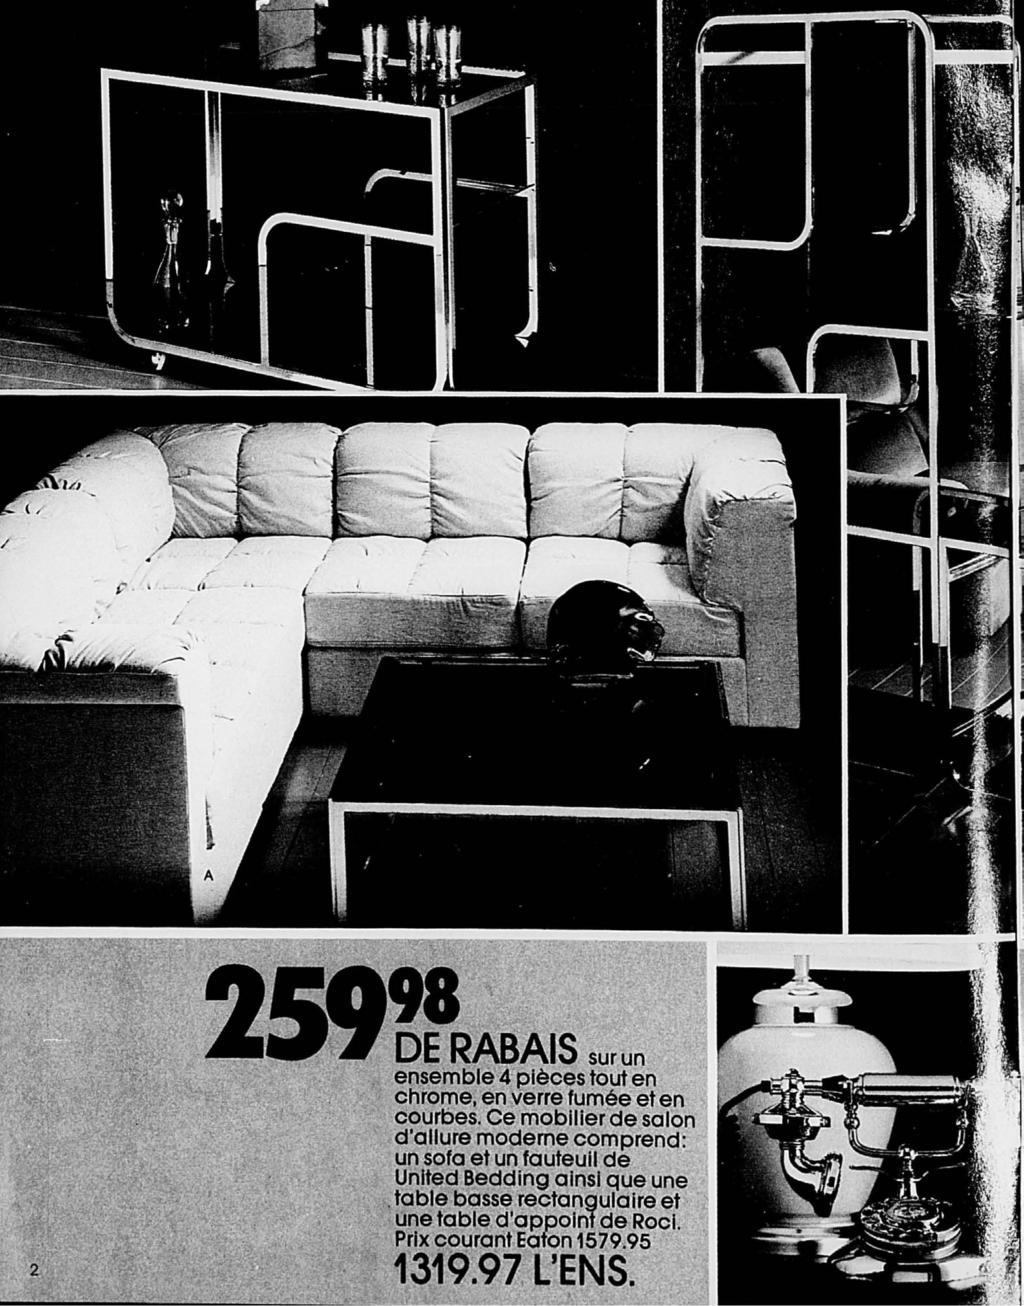 Meuble Modulable Salon Élégant Rabais Sur Un Mobilier Modulaire Et Une Table De Style Of 28 Beau Meuble Modulable Salon